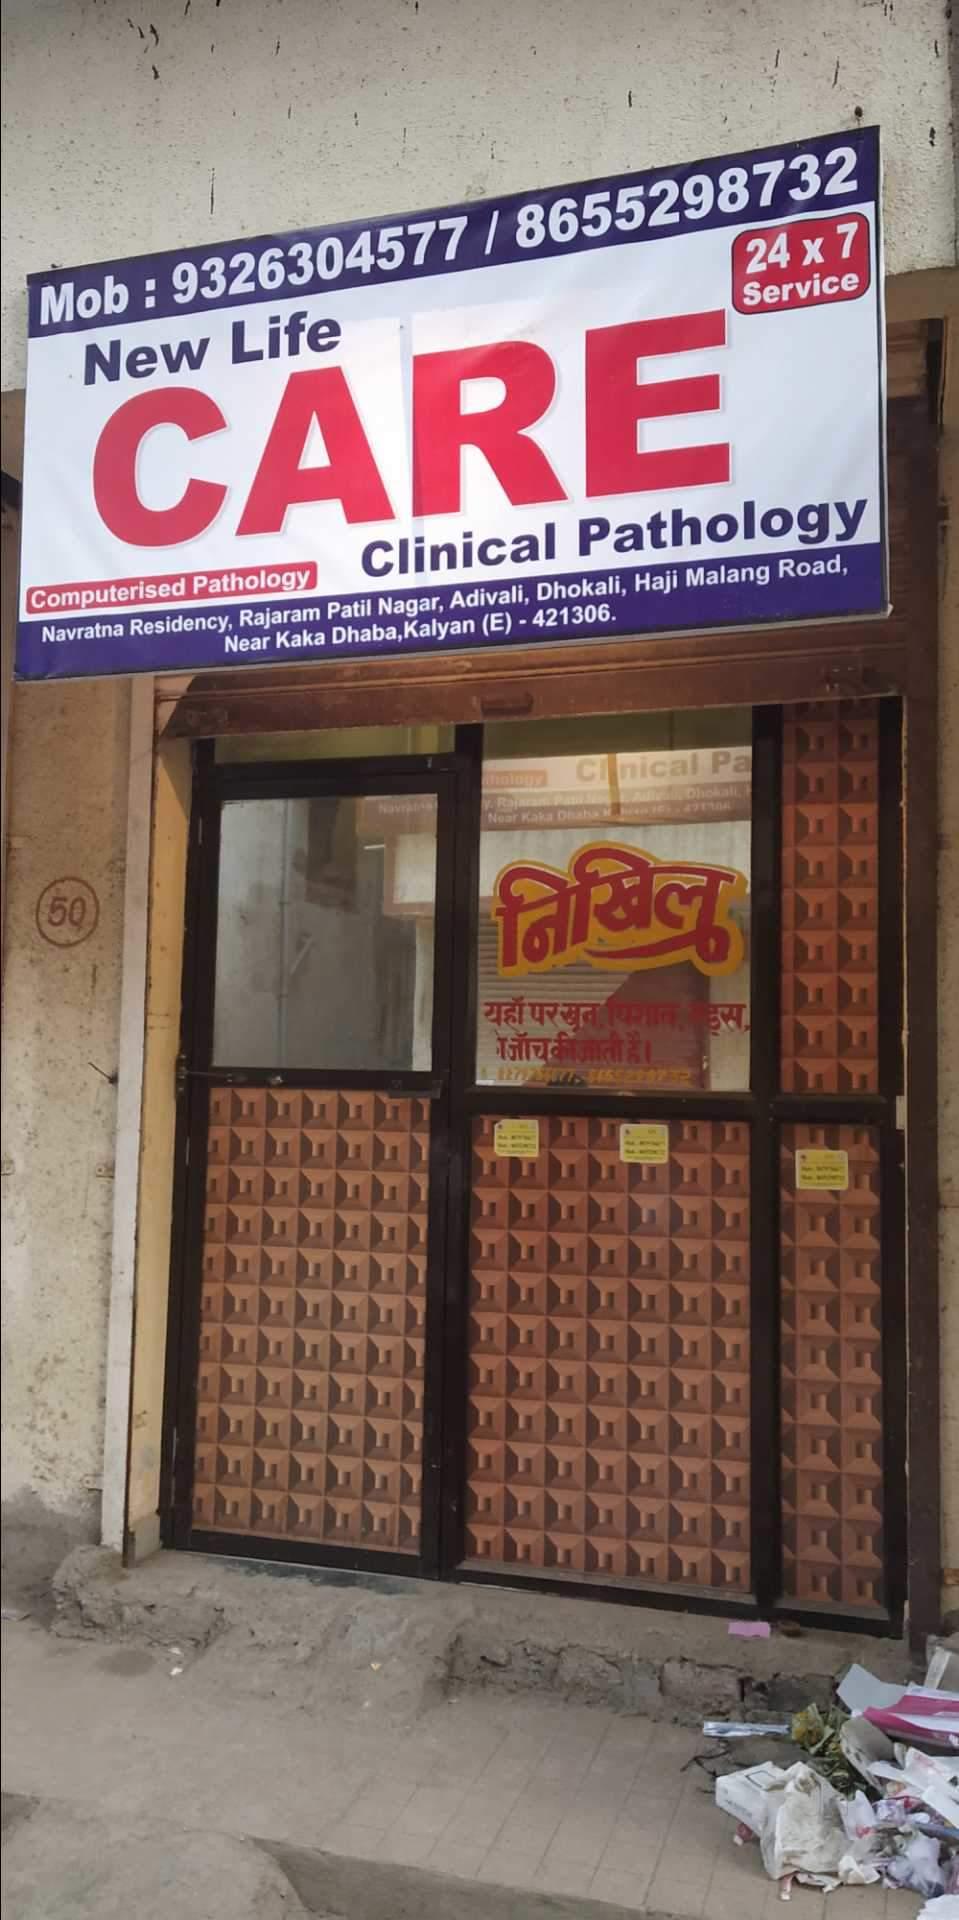 New Life Care Kalyan East Pathology Labs In Thane Mumbai Justdial